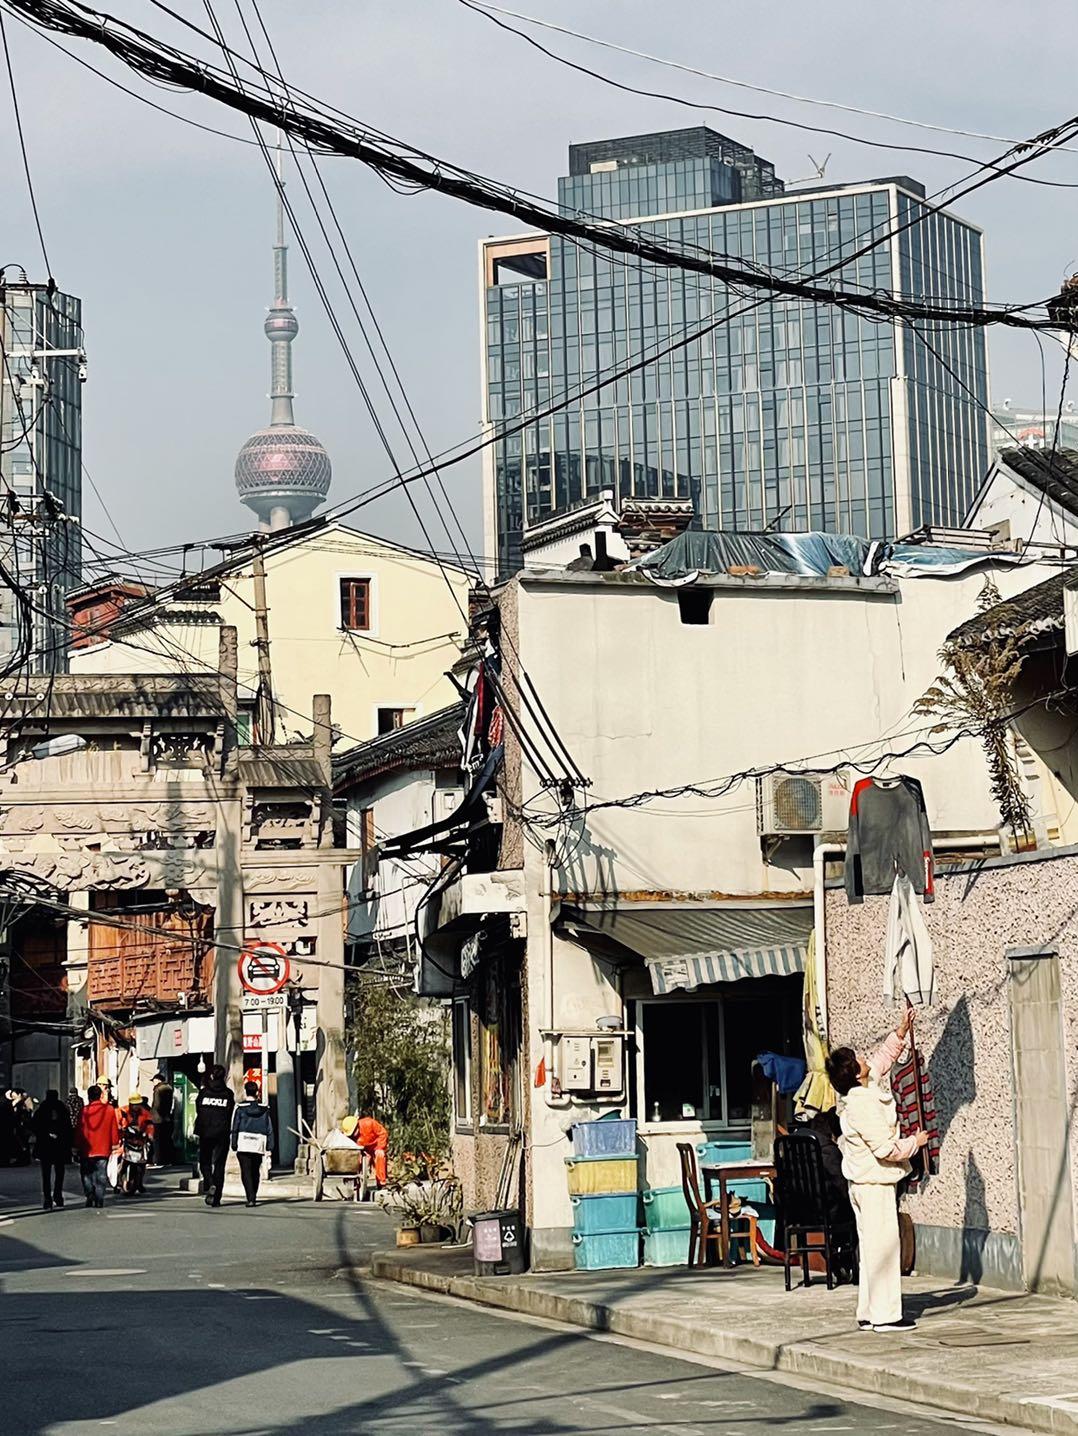 《待迁》摄于上海.jpg